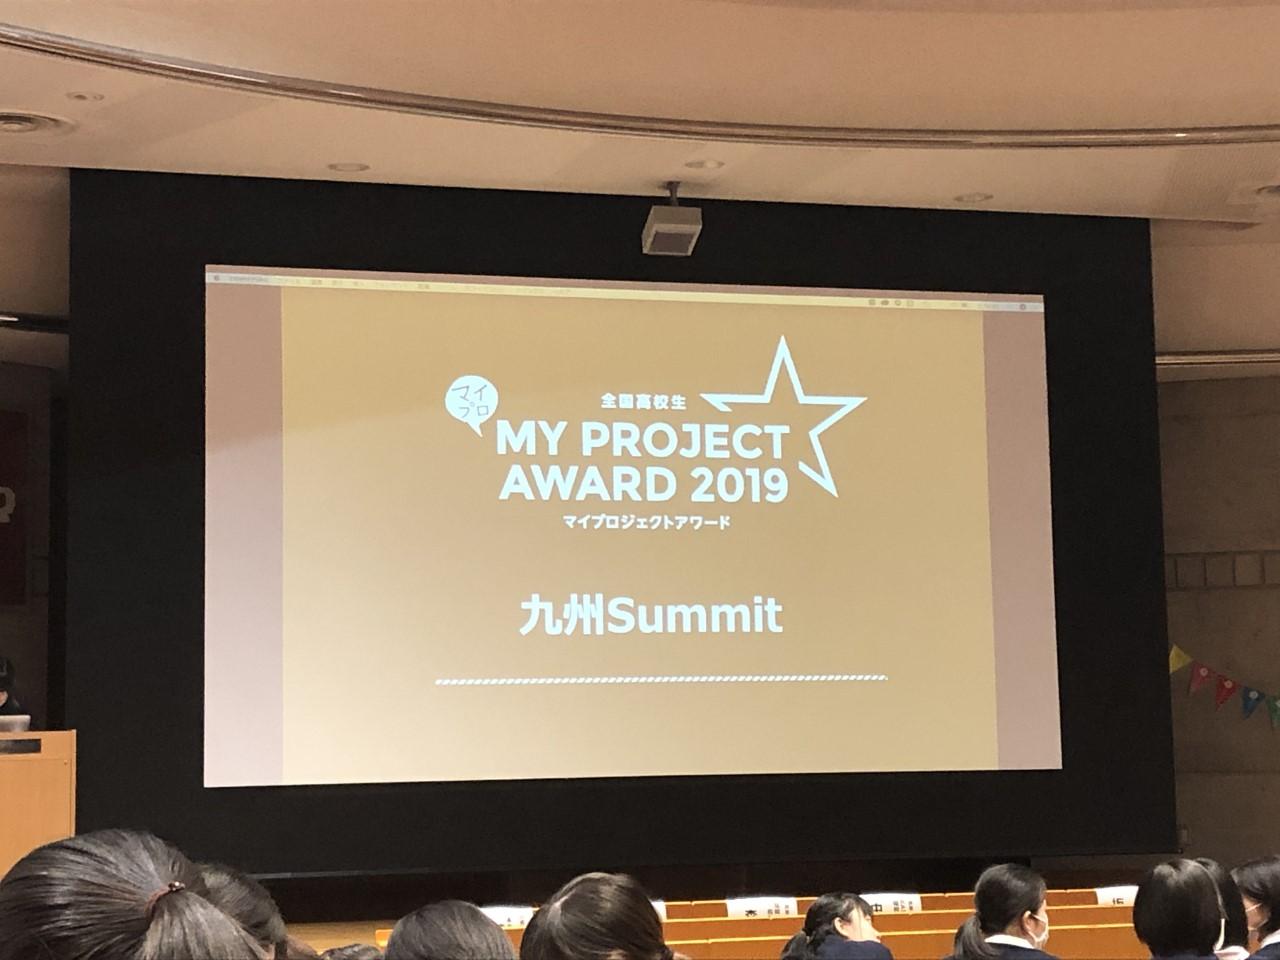 My Project Award2019九州Summitにて発表しました!